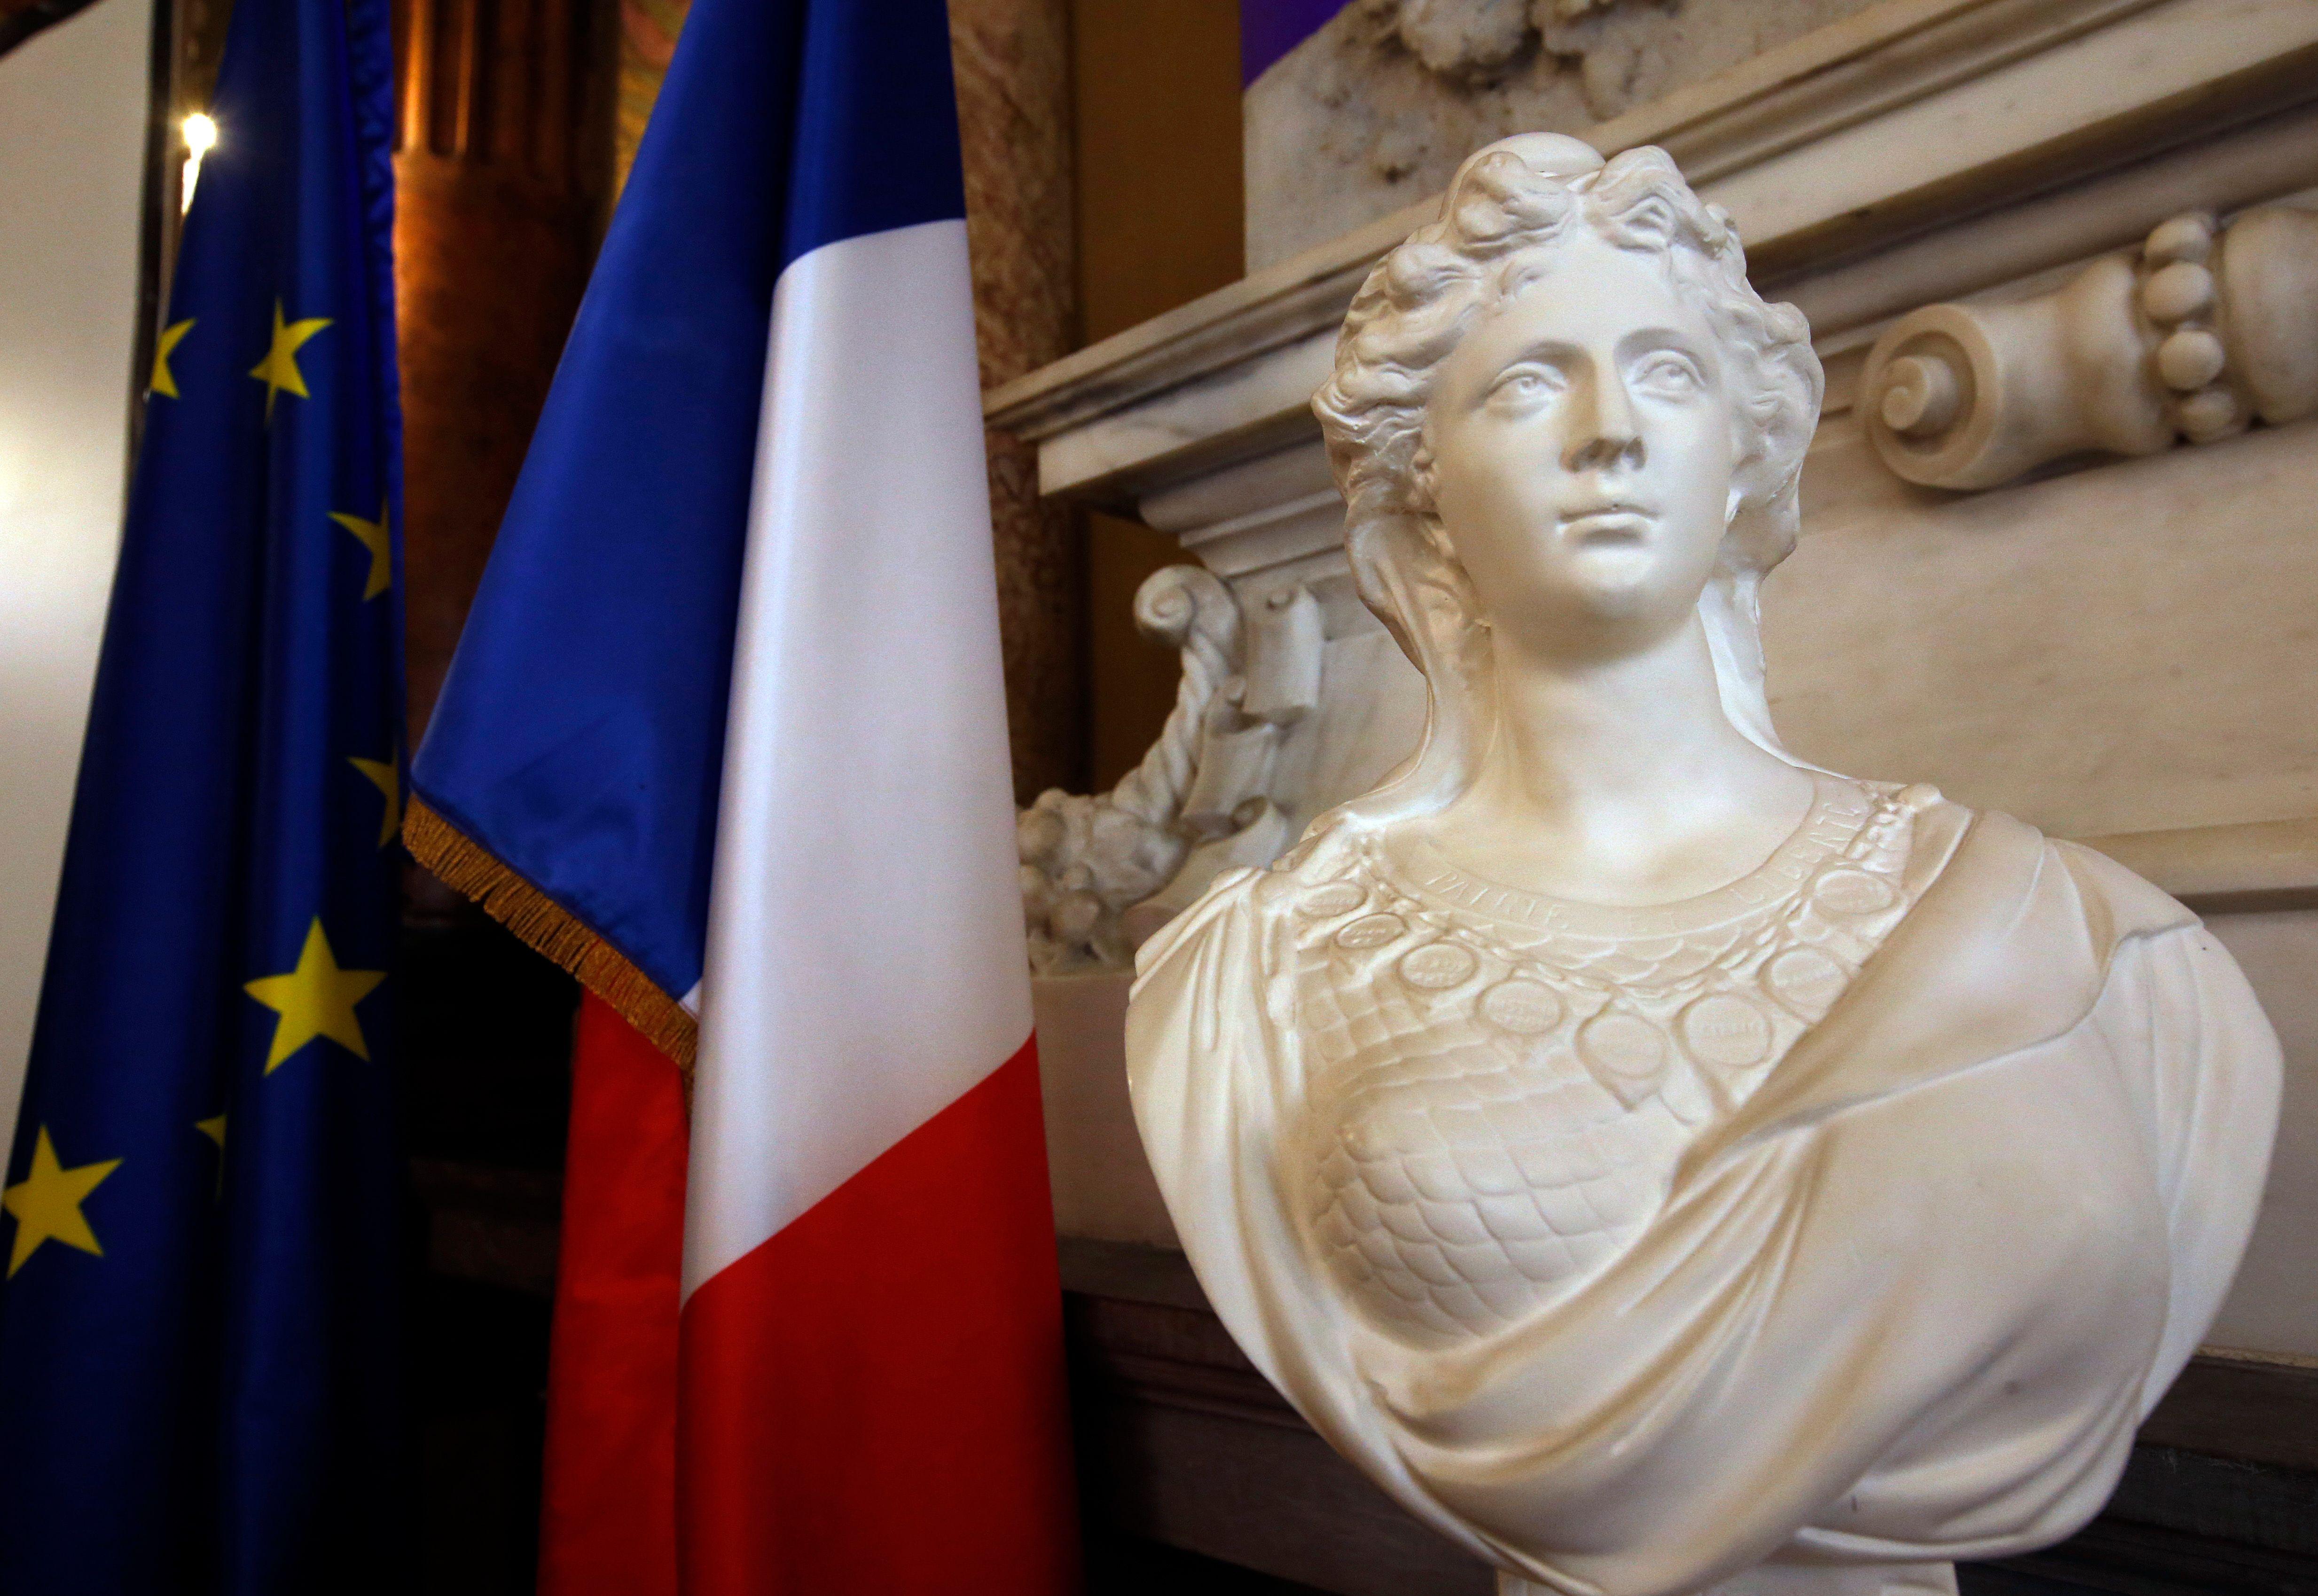 Redressement : ce que nous voulons vraiment pour la France